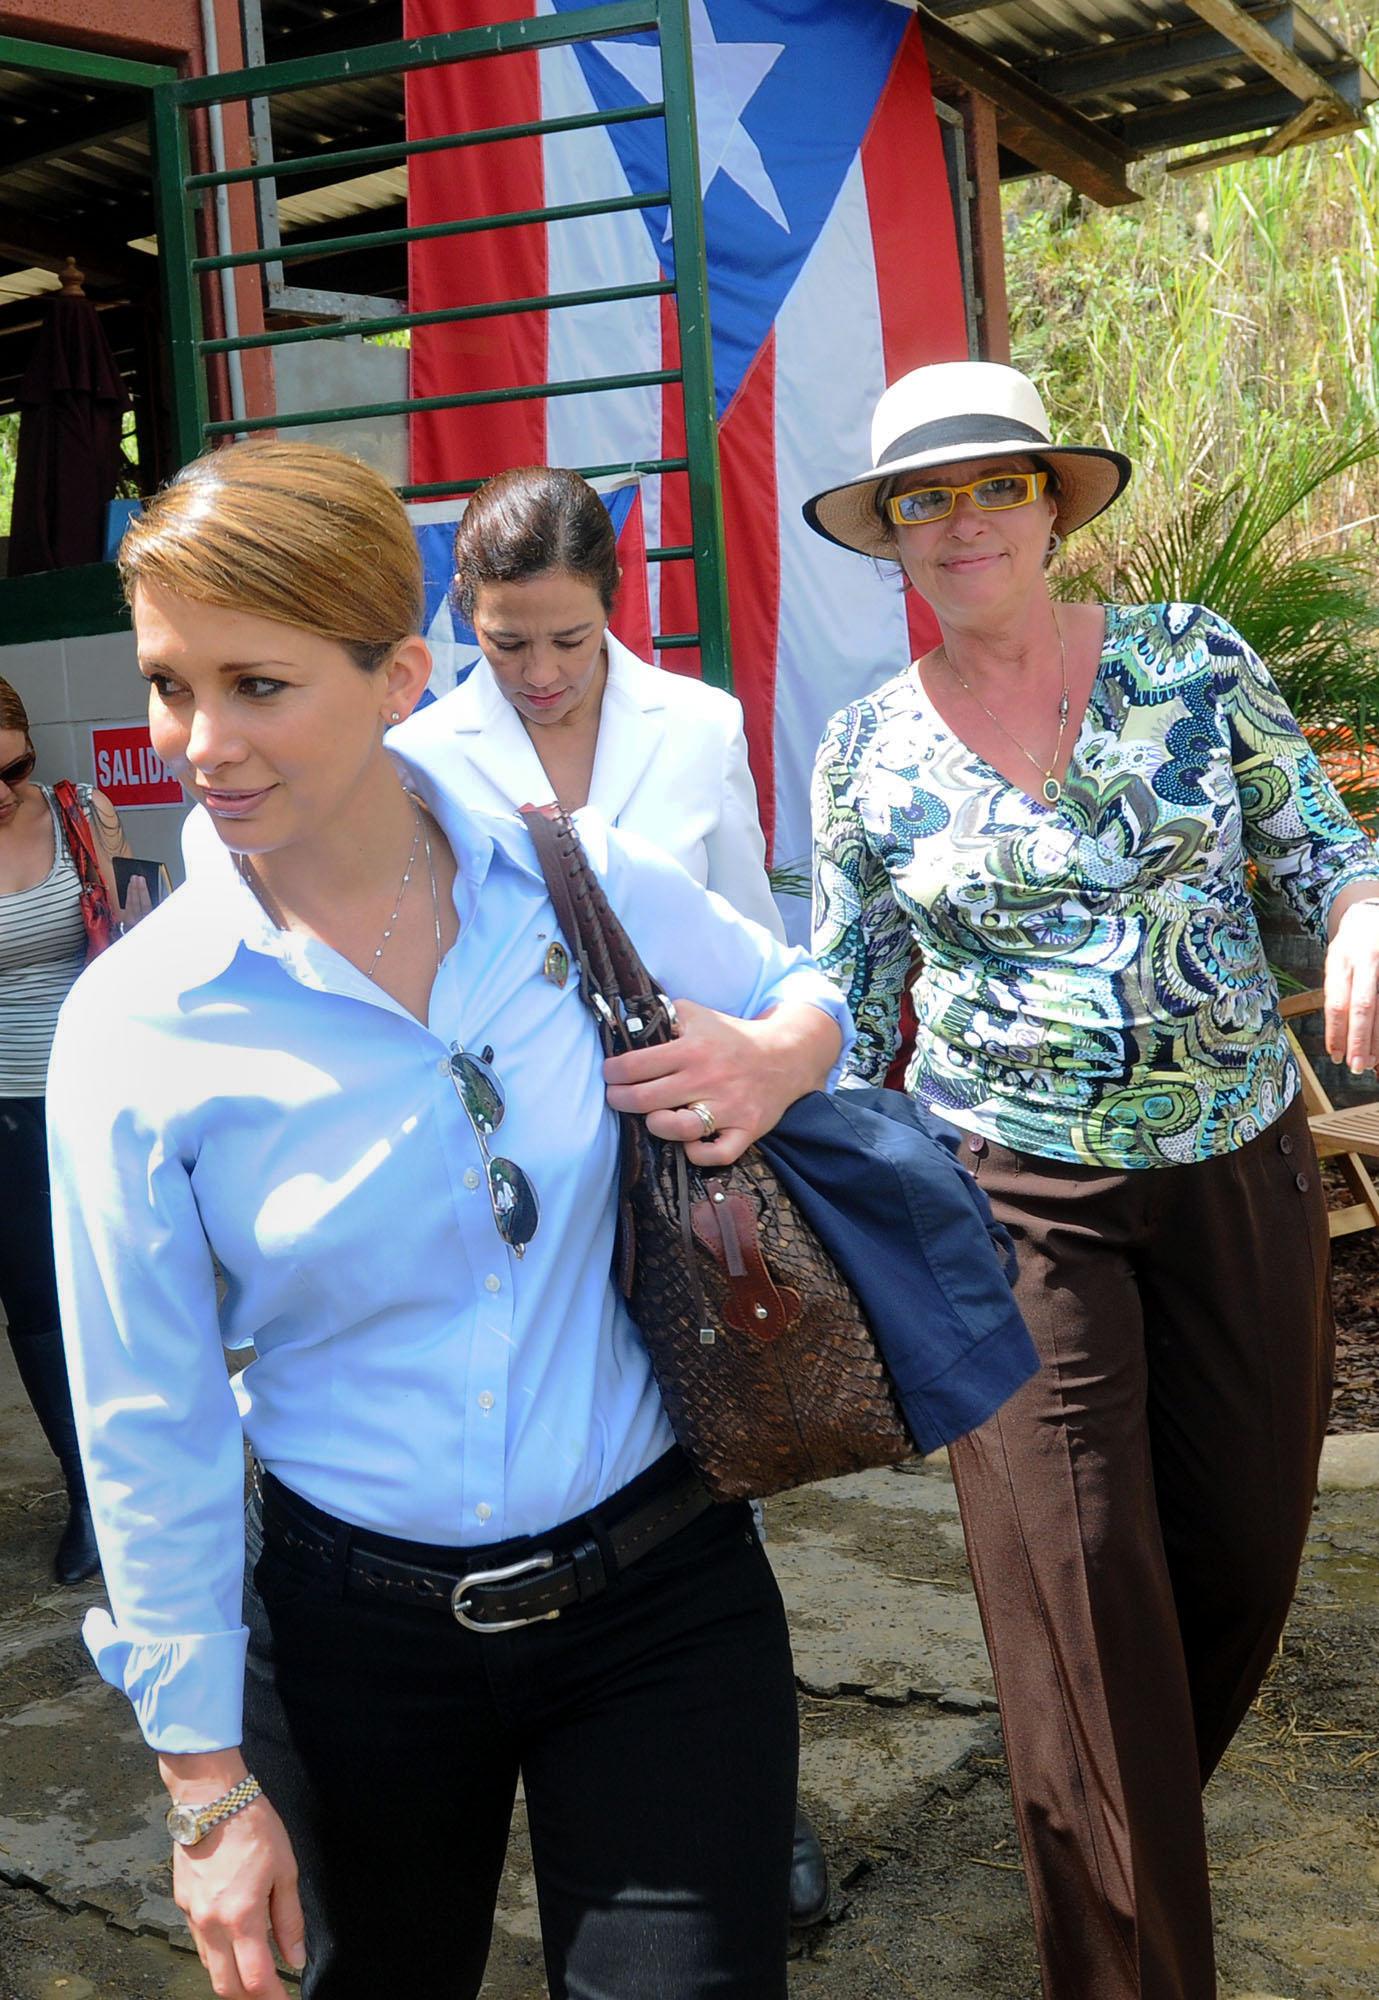 Fue como parte de su gestión como entonces presidenta de la Federación Ecuestre Internacional que Haya visitó la isla el 24 de julio de 2010 para presenciar las competencias ecuestres de los Juegos Centroamericanos y del Caribe Mayagüez 2010. (Archivo)